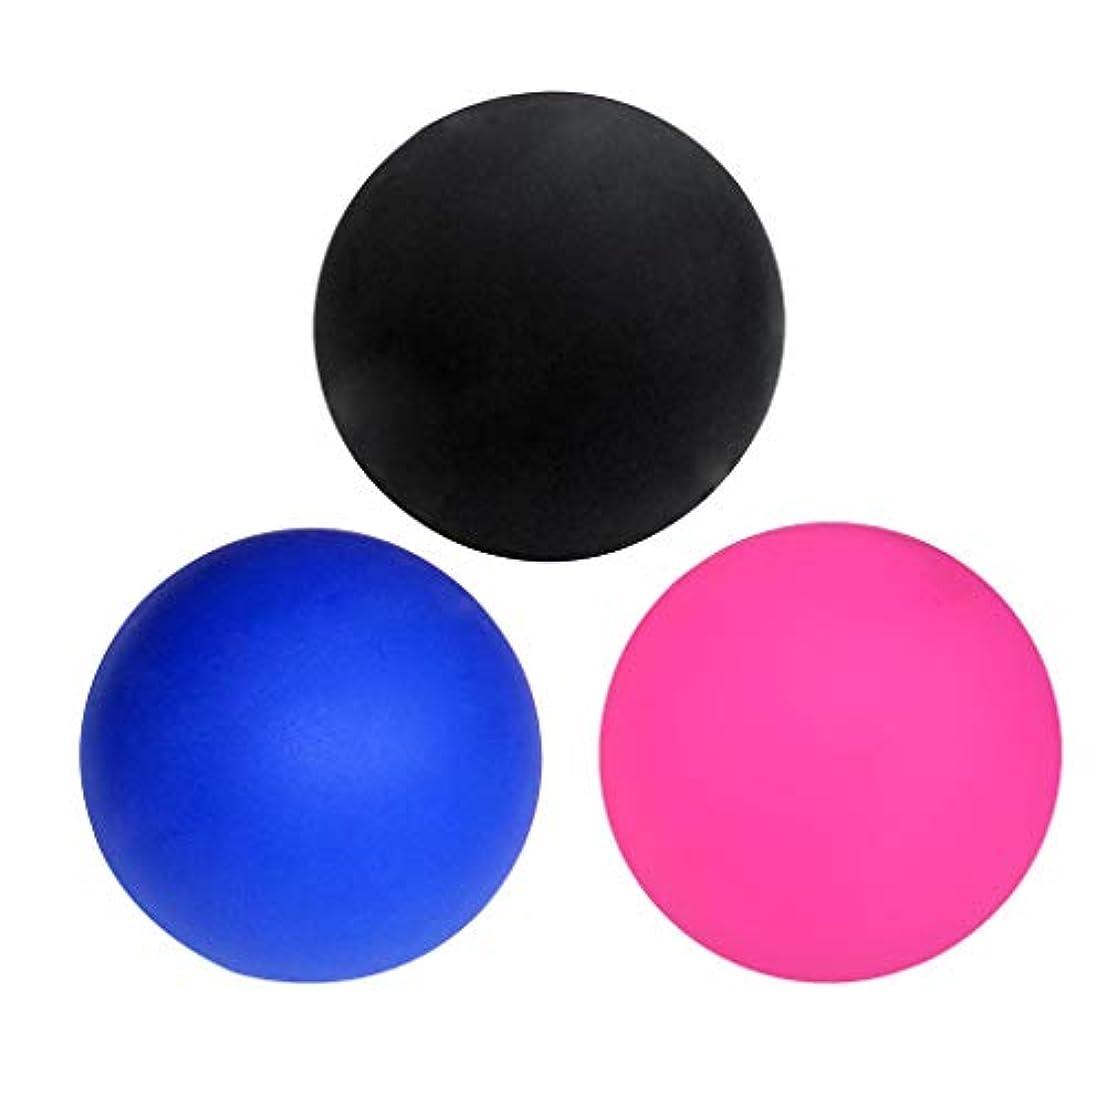 きらめく間欠アクセシブルマッサージボール ラクロスボール トリガーポイント ゴム製 ジム/ホーム/オフィスなど適用 3個入